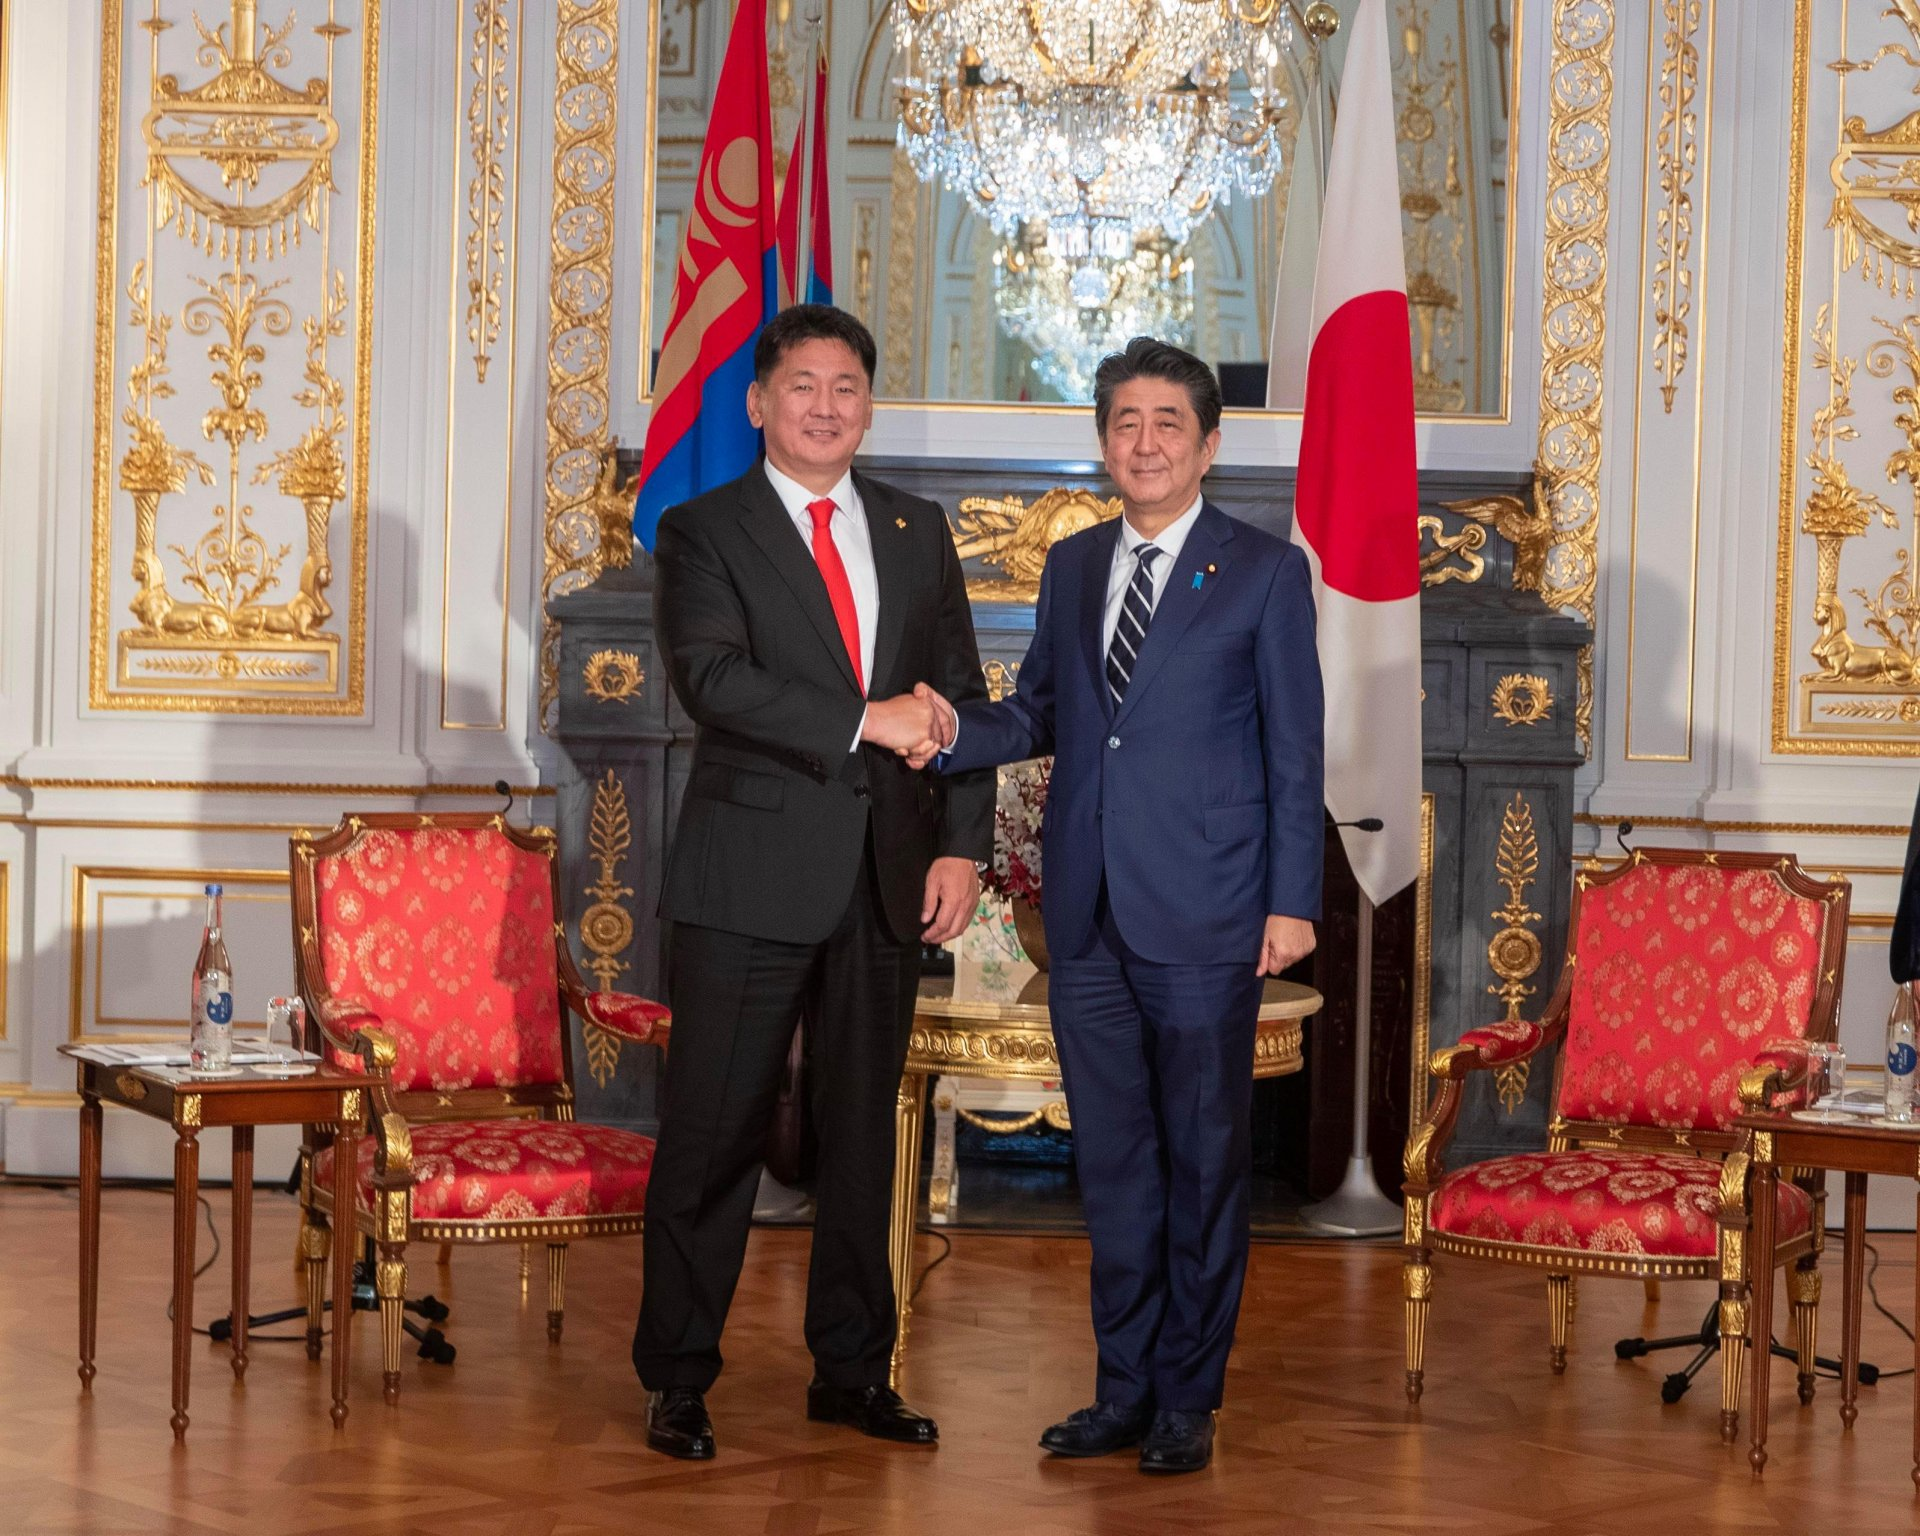 Монгол Улсын Ерөнхий сайд У. Хүрэлсүх Япон Улсын Ерөнхий сайд Абэ Шинзо-тай уулзлаа